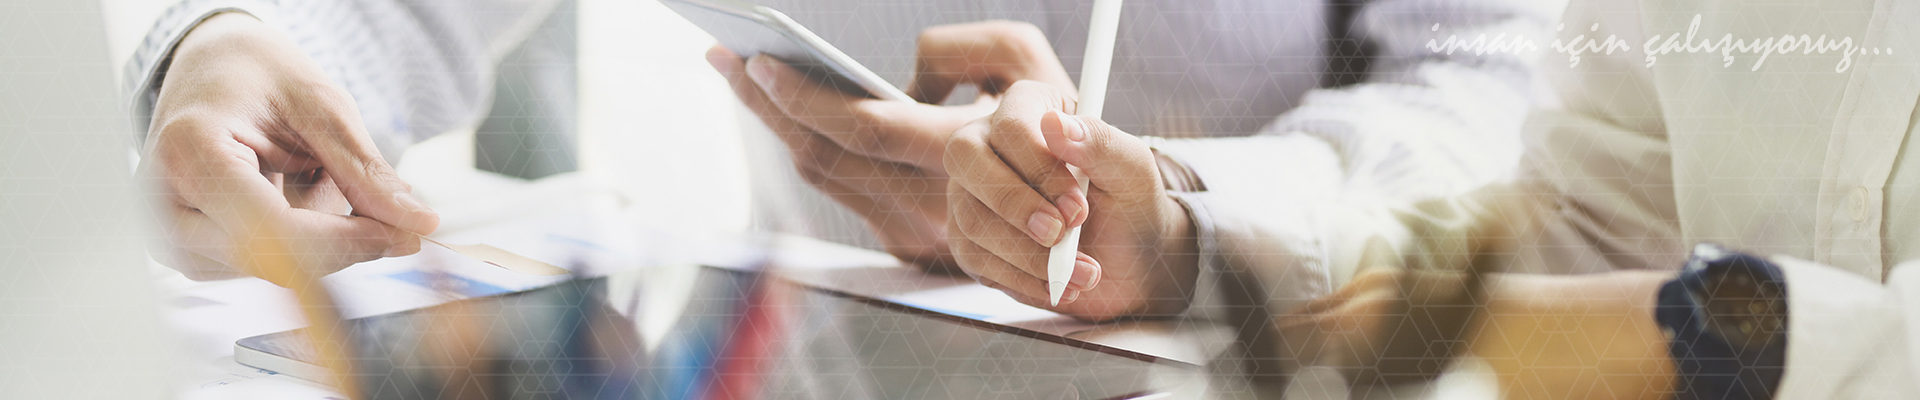 ETKB Bağlı, İlgili ve İlişkili Kuruluşlar Taşınmaz Komisyonunca MAPEG Tarafından İşlemlerinin Devam Edilmesi Uygun Bulunan ve Uygun Bulunmayan Talepler Listesi (27.05.2020)